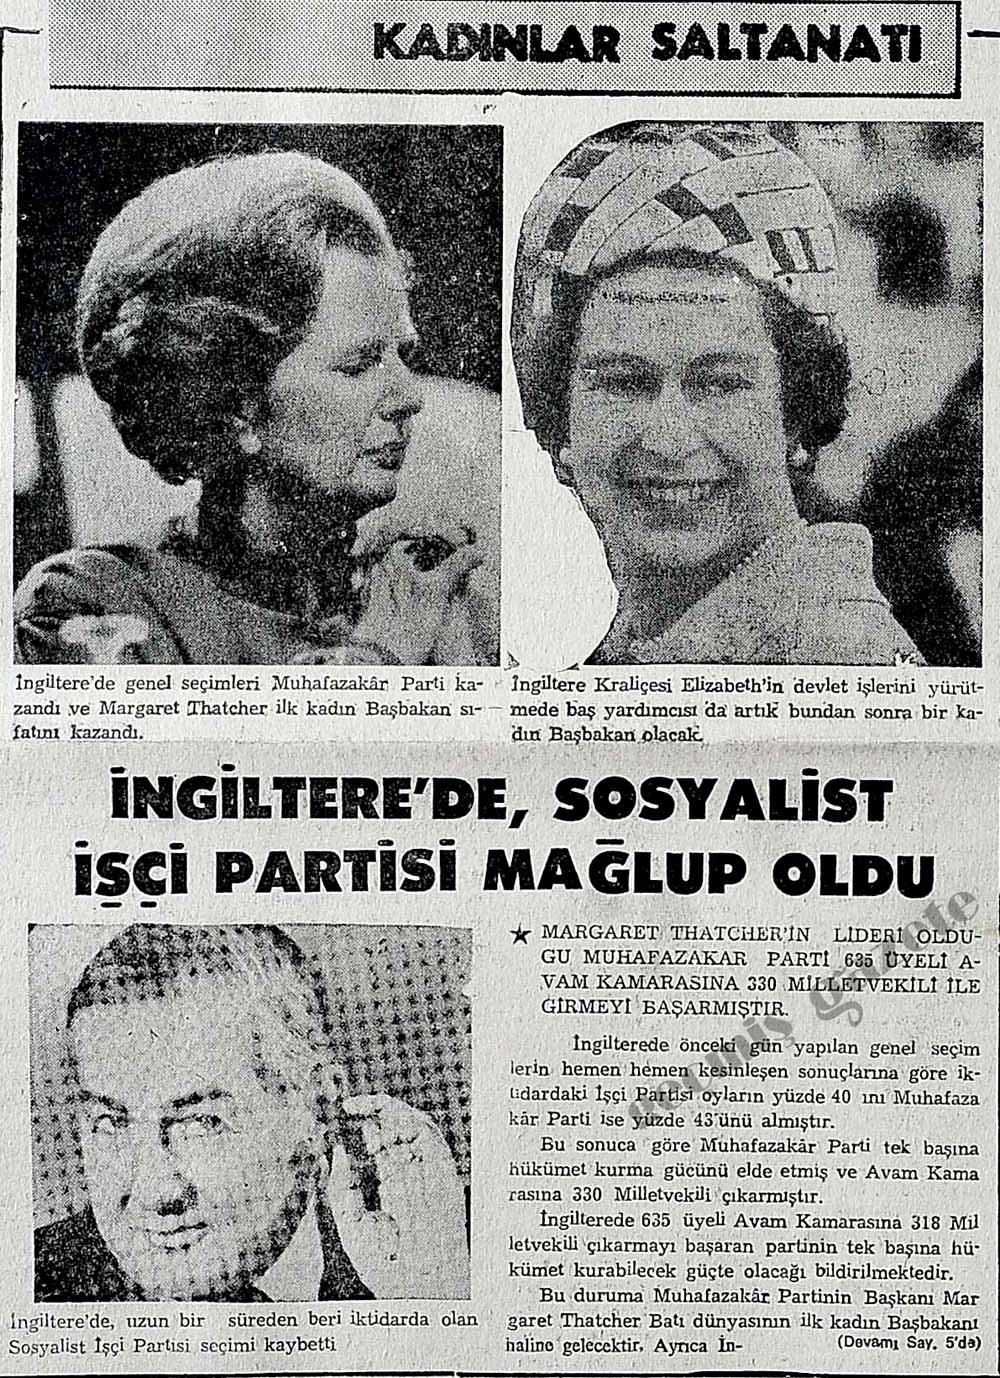 İngiltere'de Margaret Thatcher ilk kadın Başbakan sıfatını kazandı